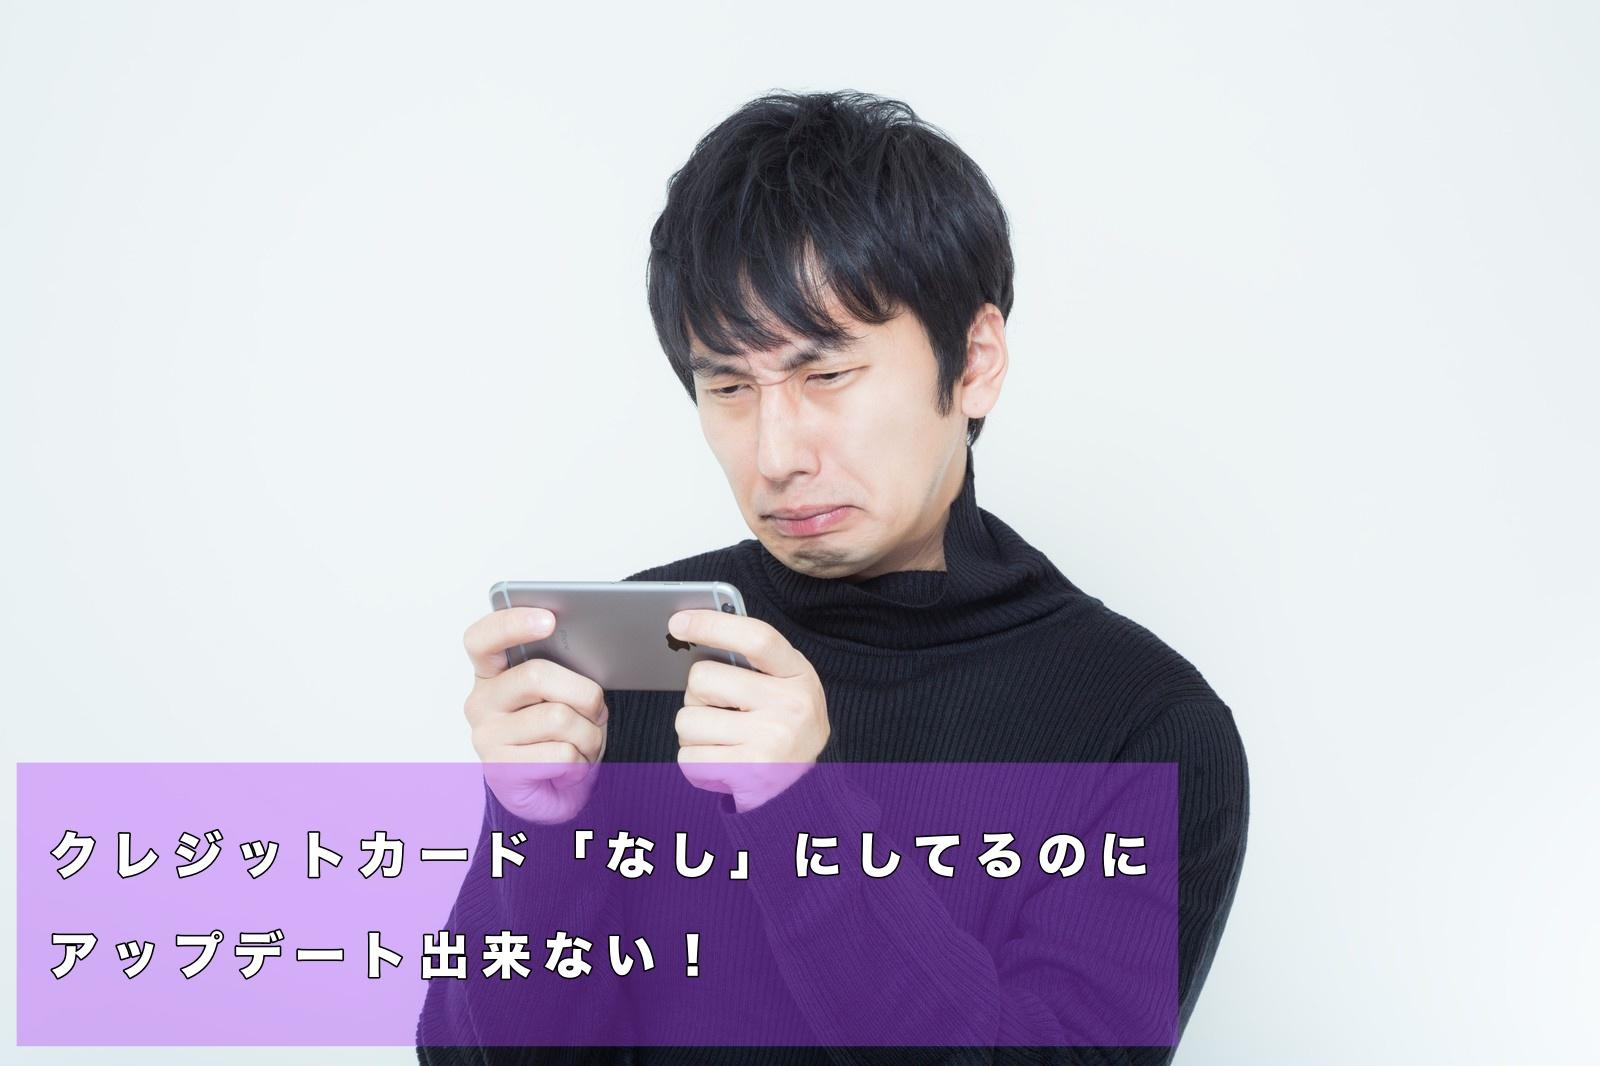 iphoneでクレジットカード「なし」にしてるのにアップデート出来ない!